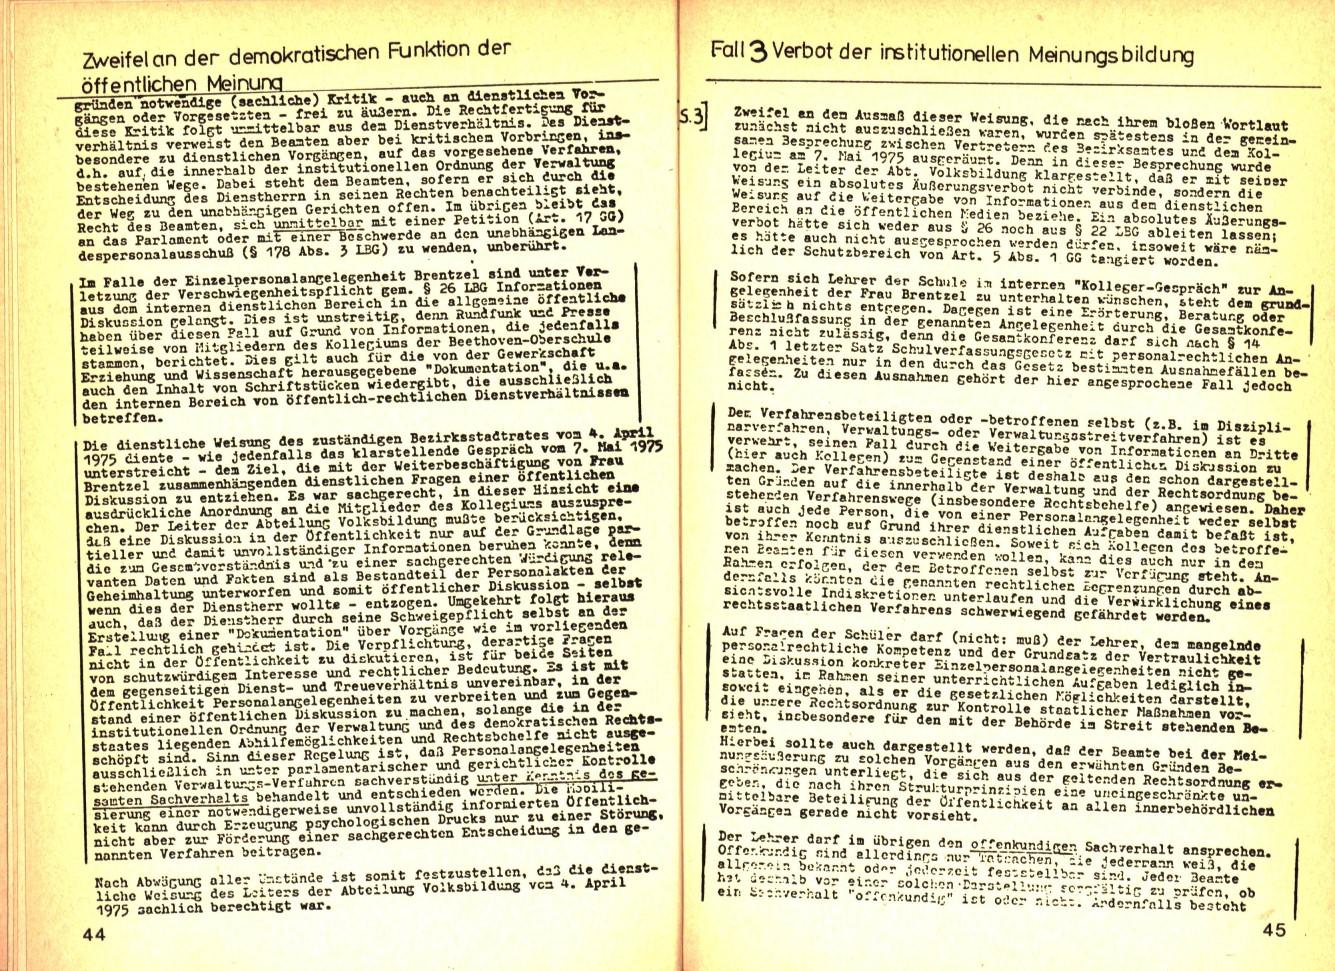 Berlin_VDS_Aktionskomitee_1976_BerufsverboteIII_24